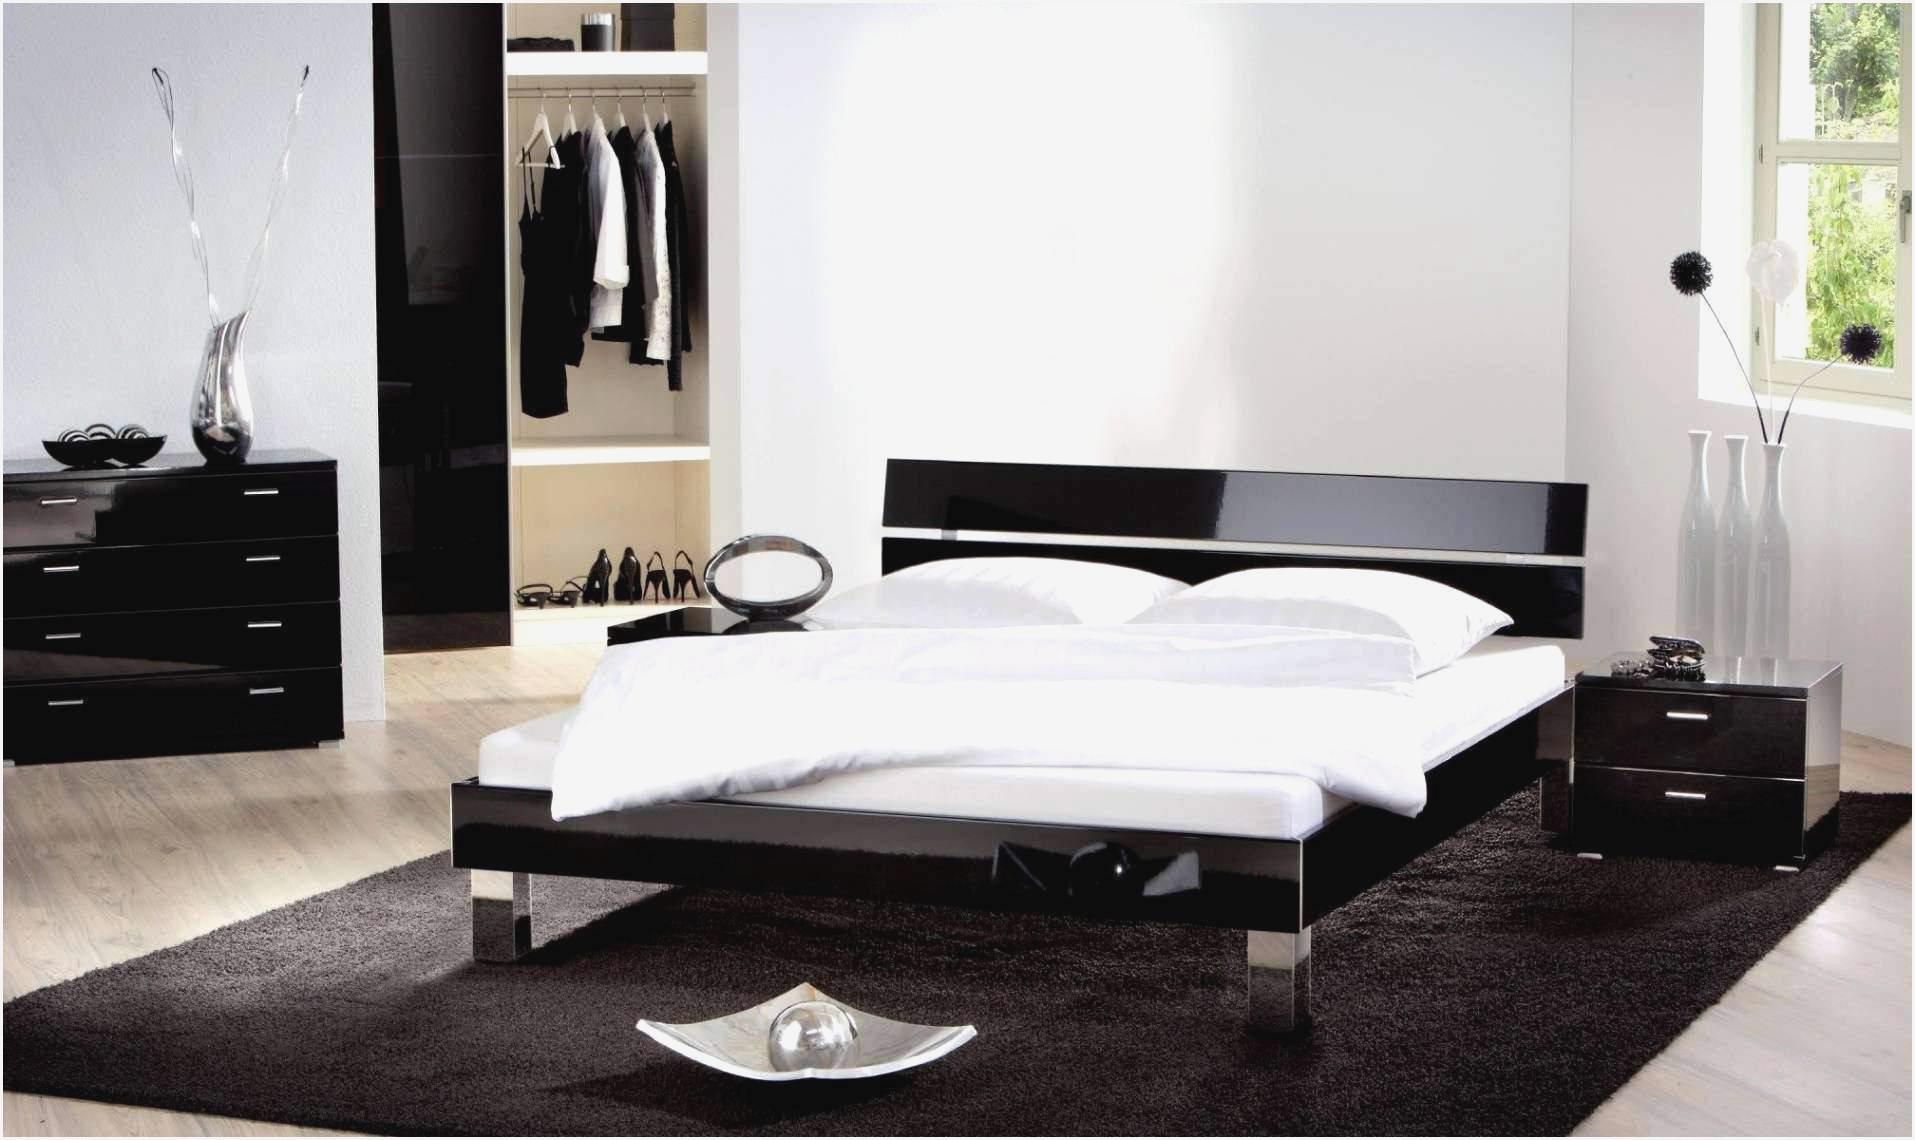 schlafzimmer ideen deko of schlafzimmer ideen deko